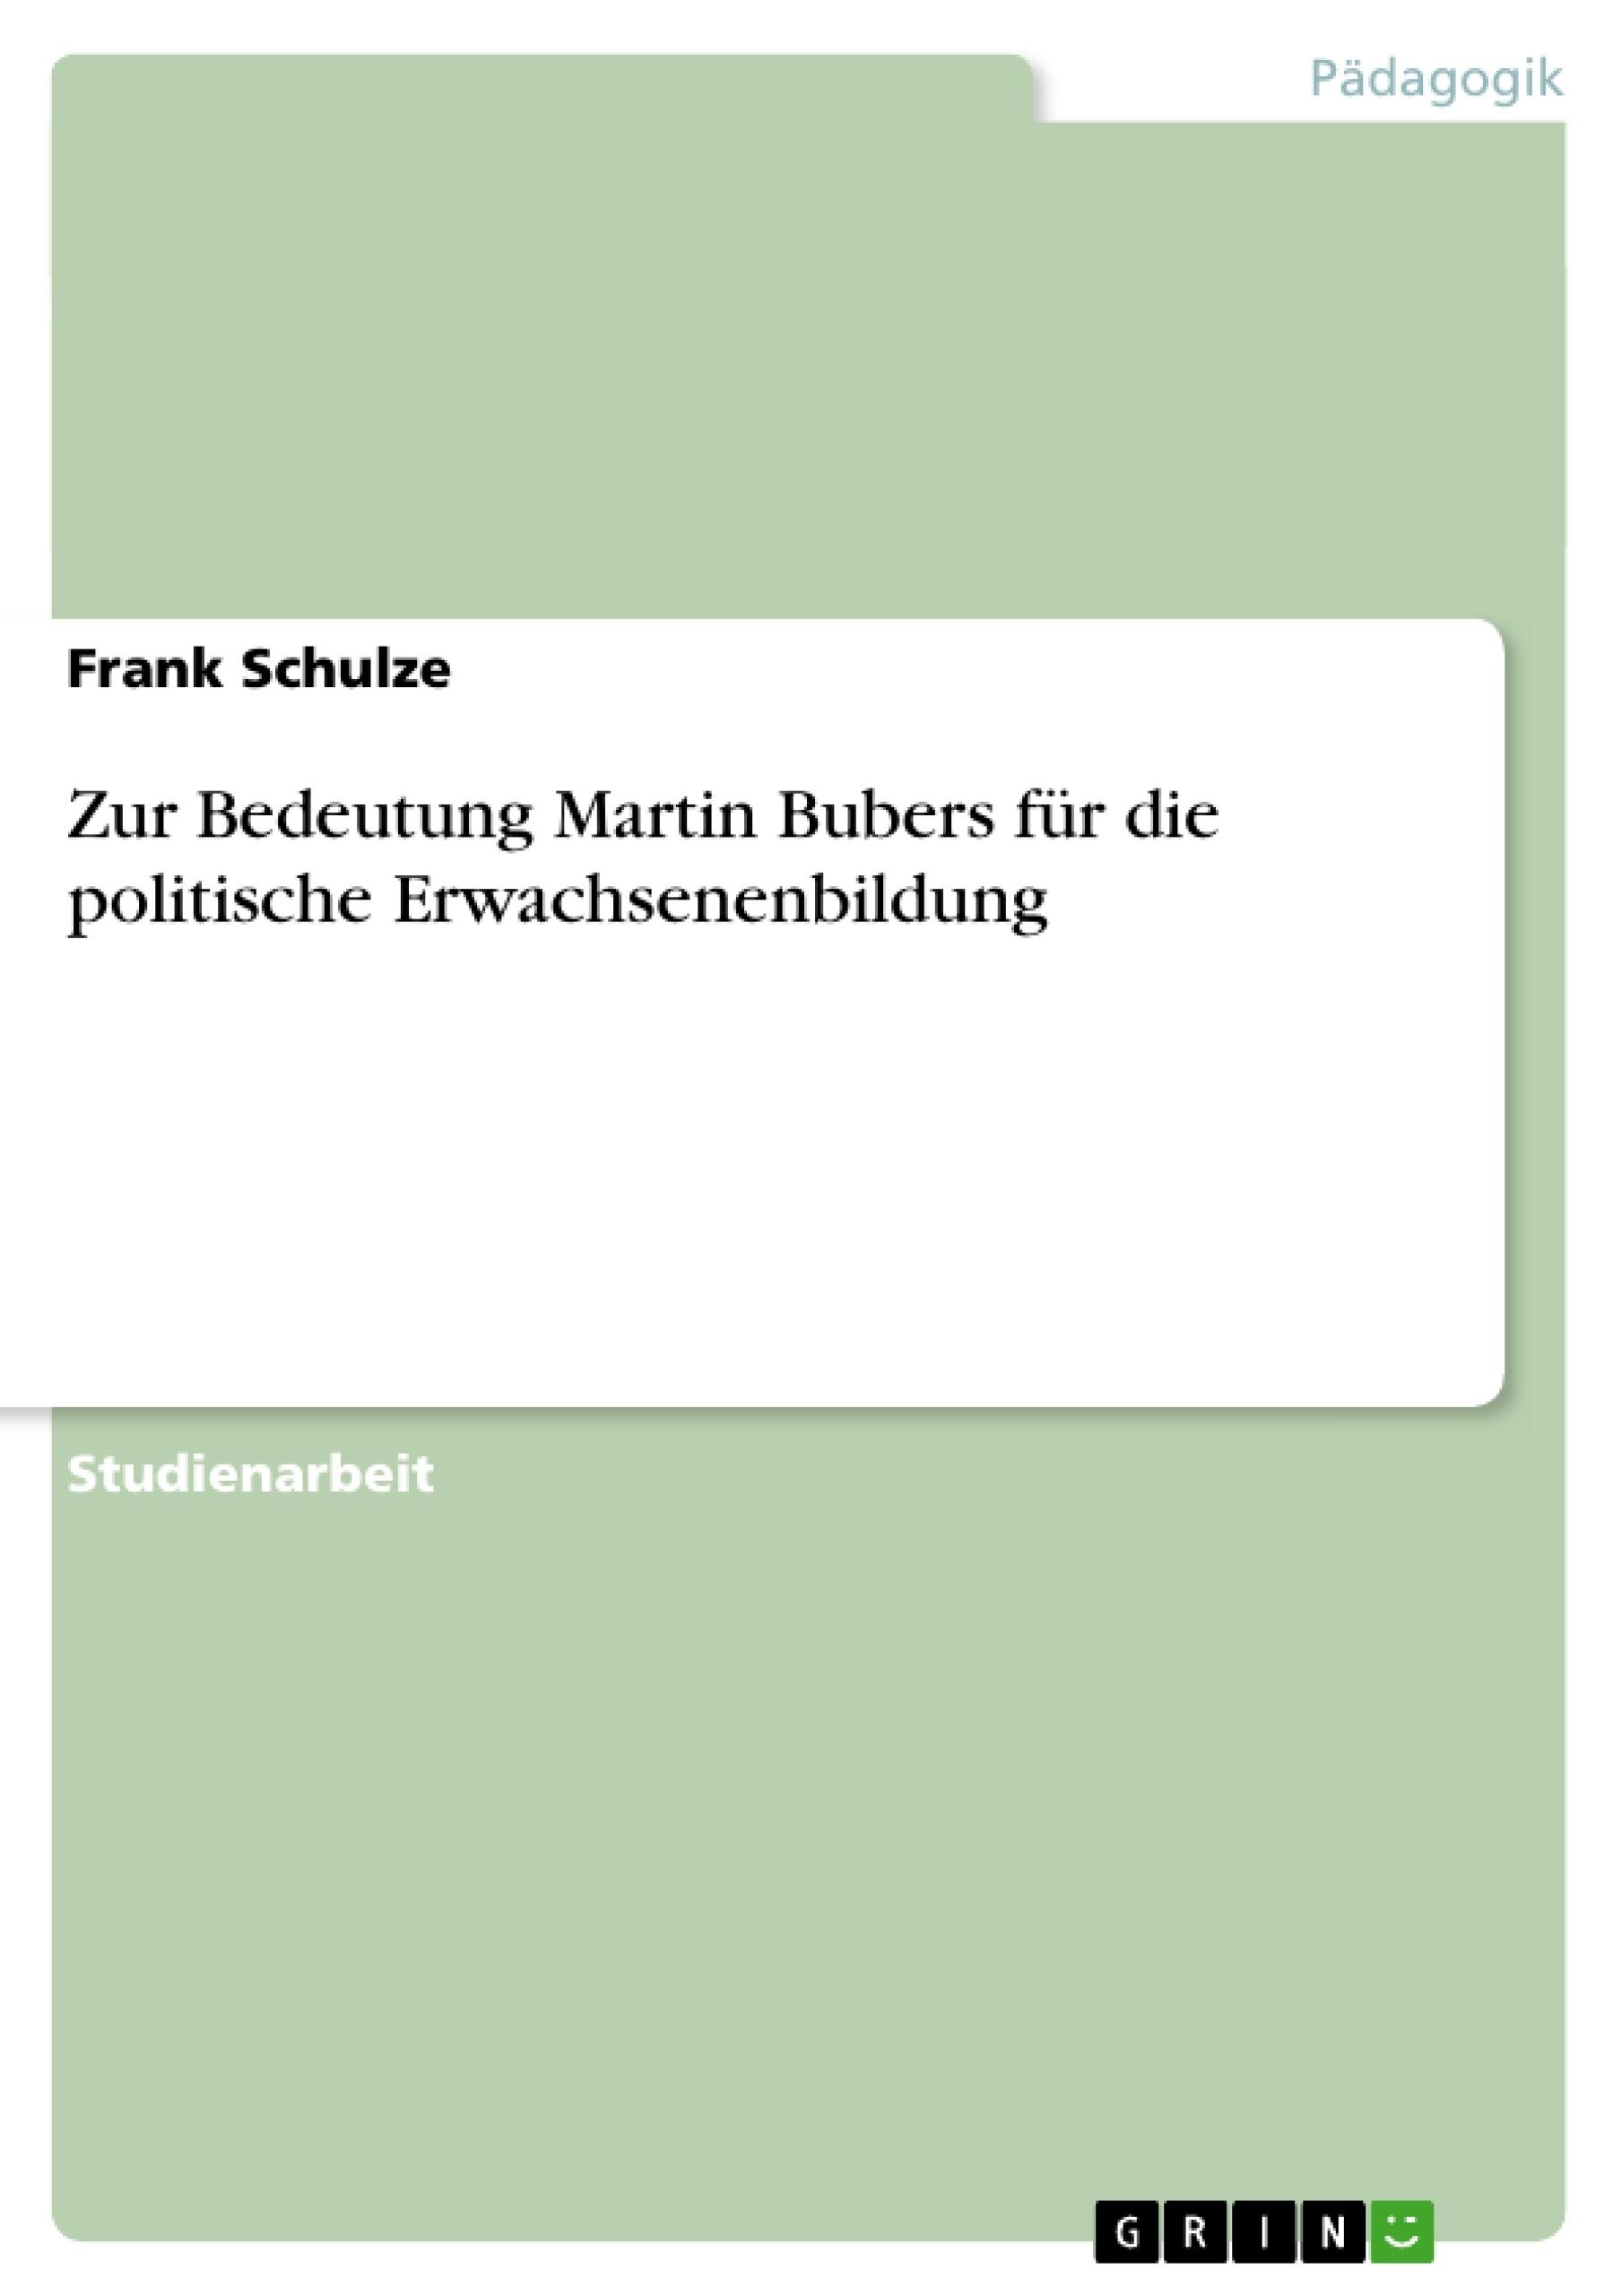 Titel: Zur Bedeutung Martin Bubers für die politische Erwachsenenbildung